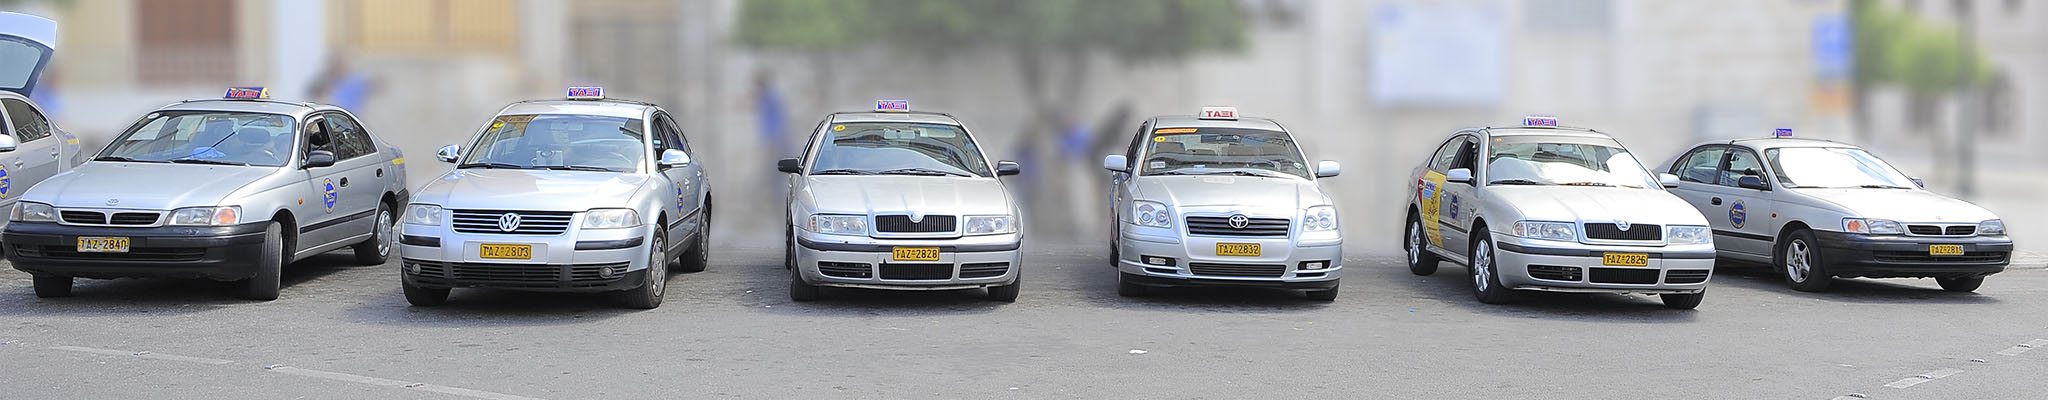 Ταξί Σύρου